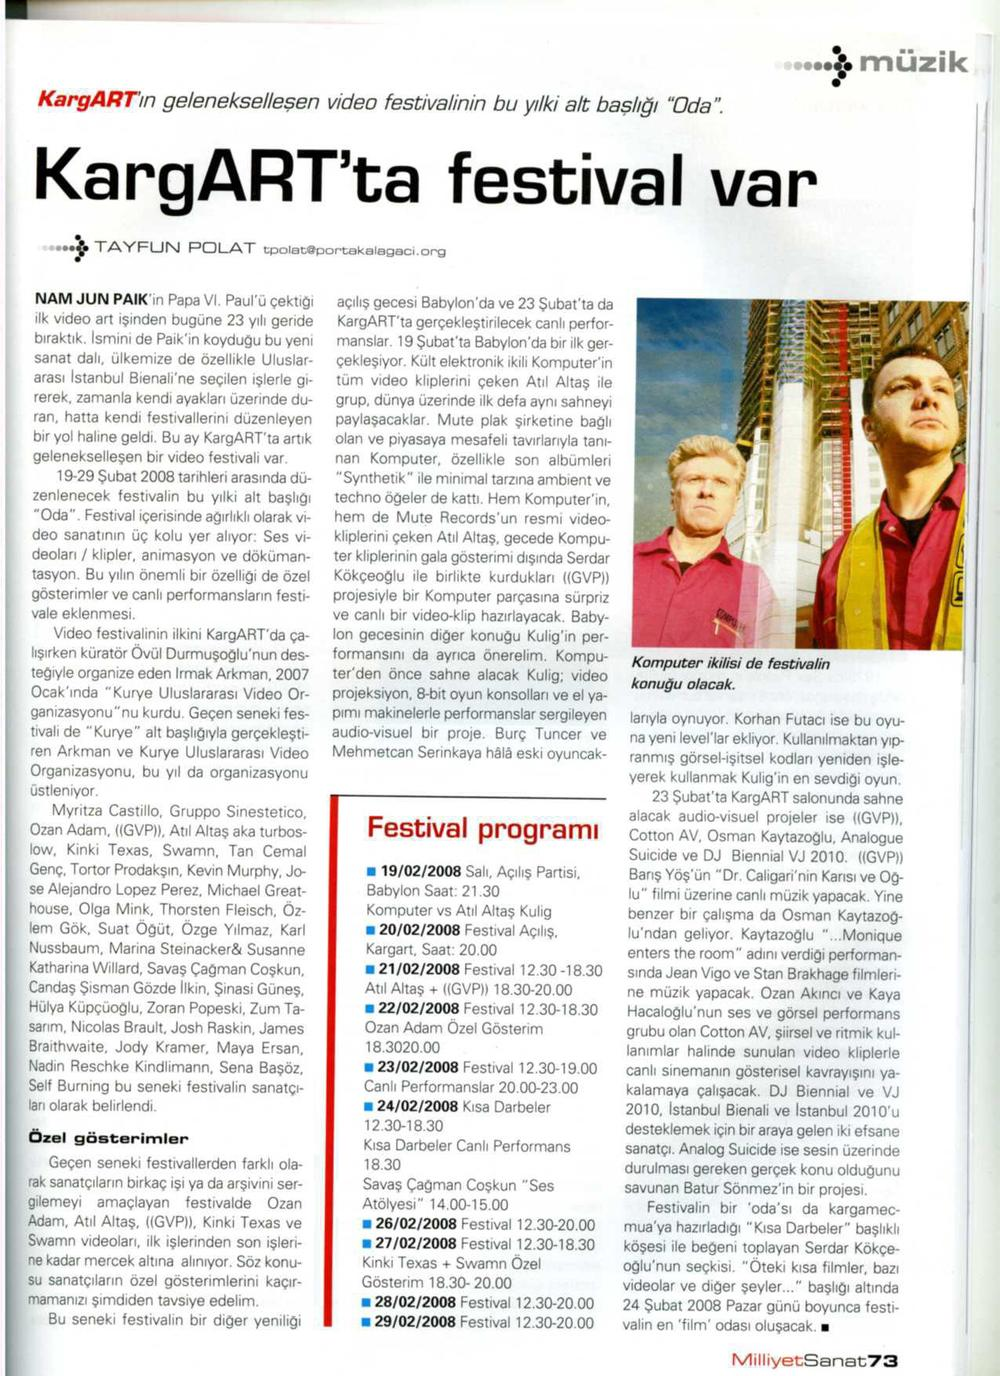 milliyet sanat 02-08 haber.JPG